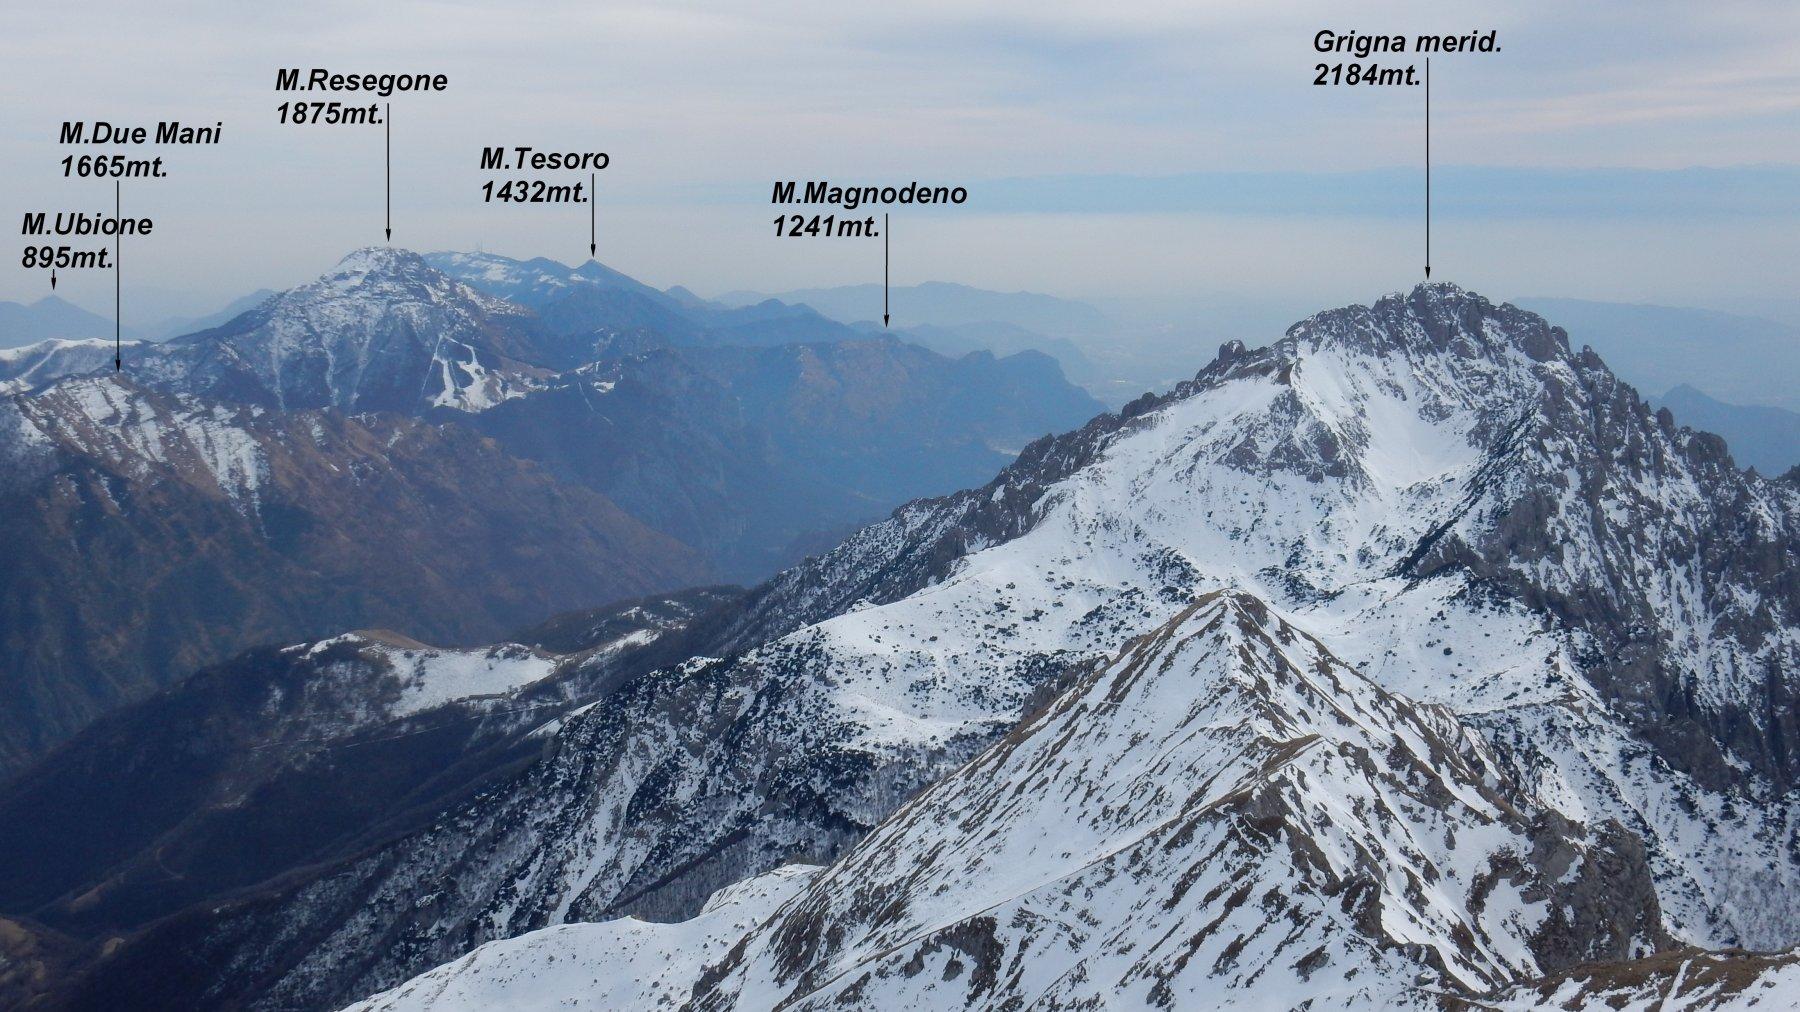 Panorama in vetta del Grignone.